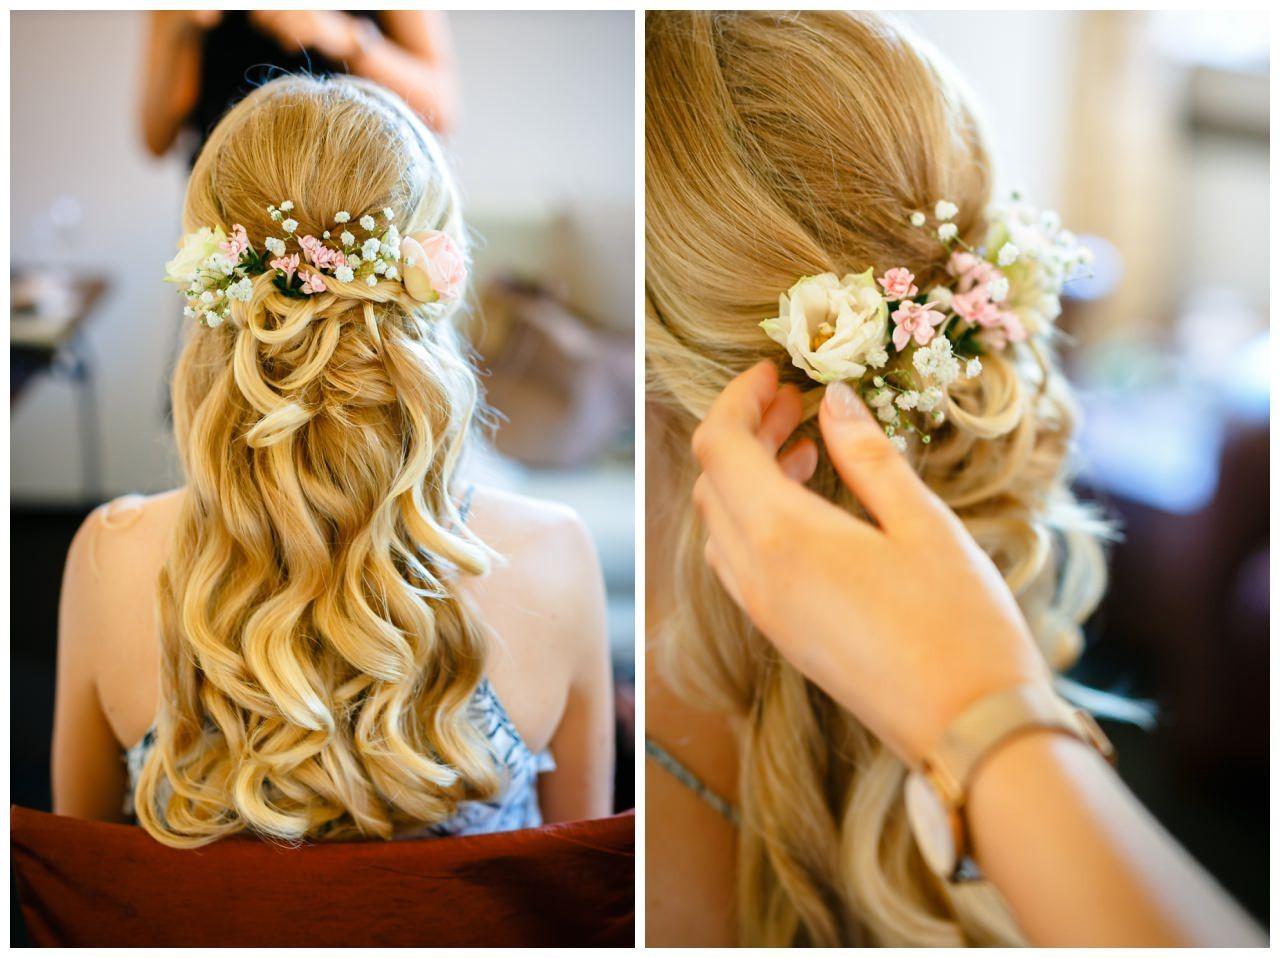 Brautfrisur halboffen mit frischen Blumen.